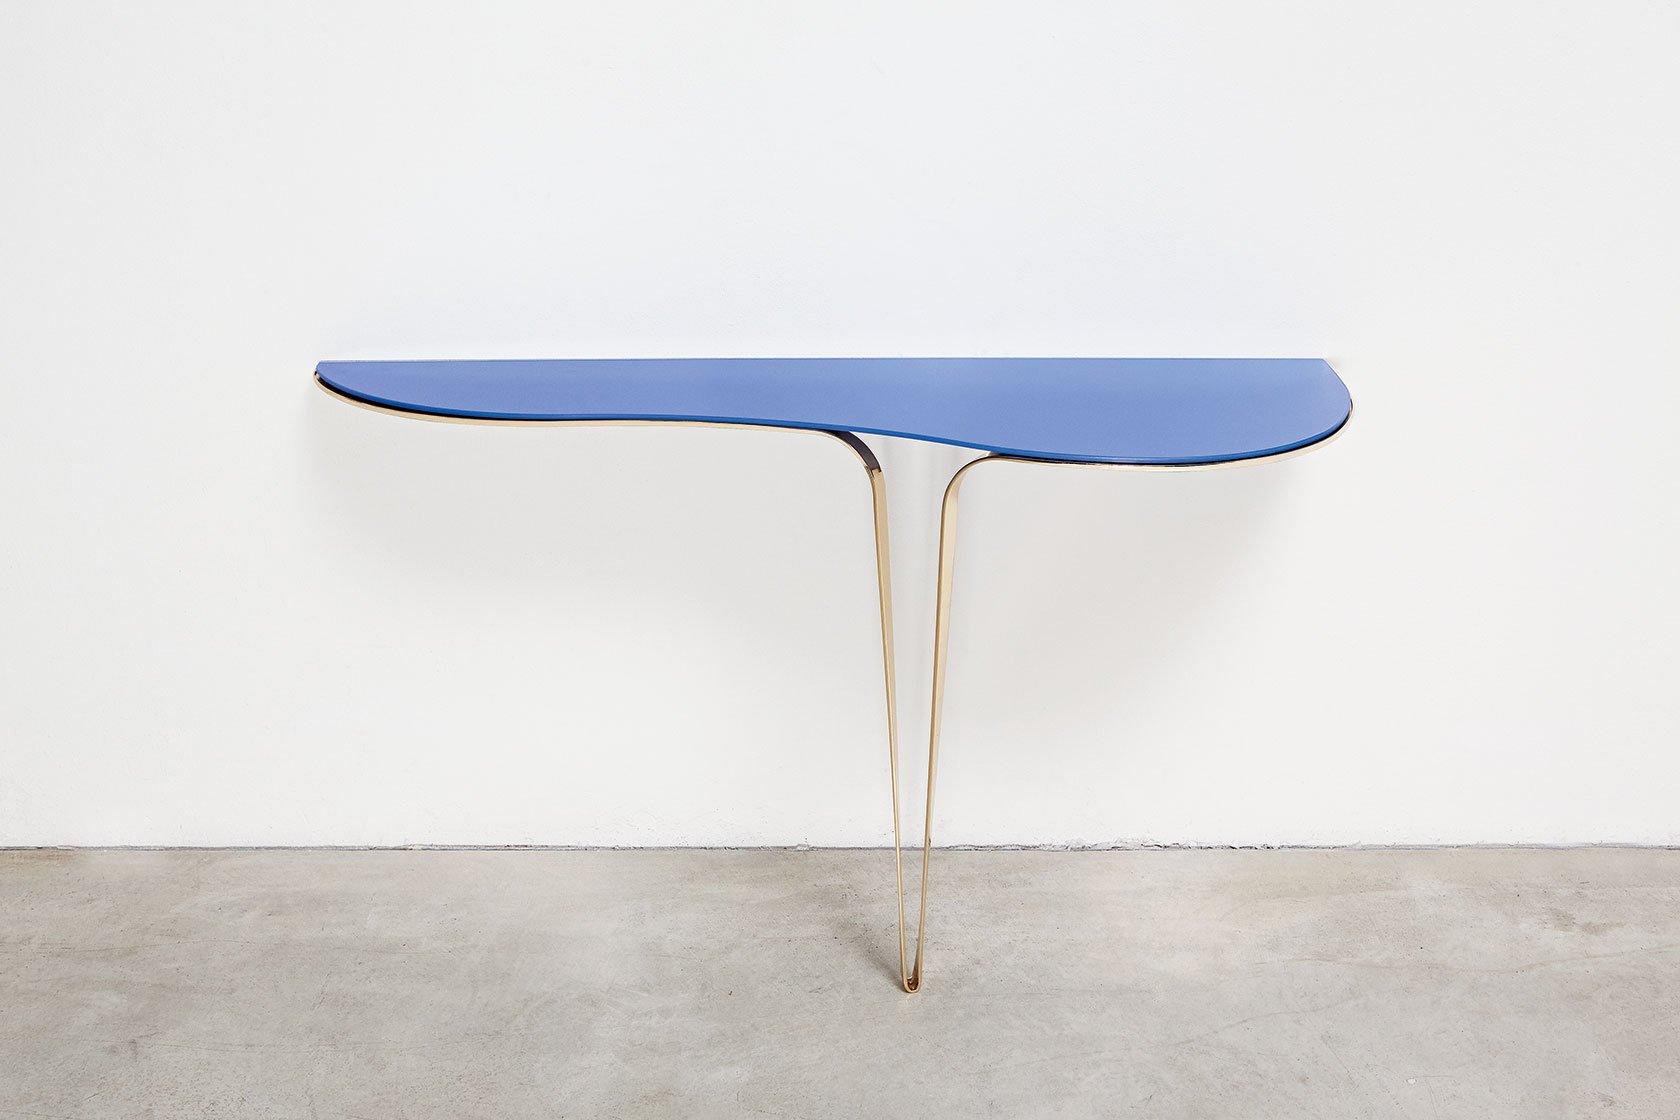 Urmia console table